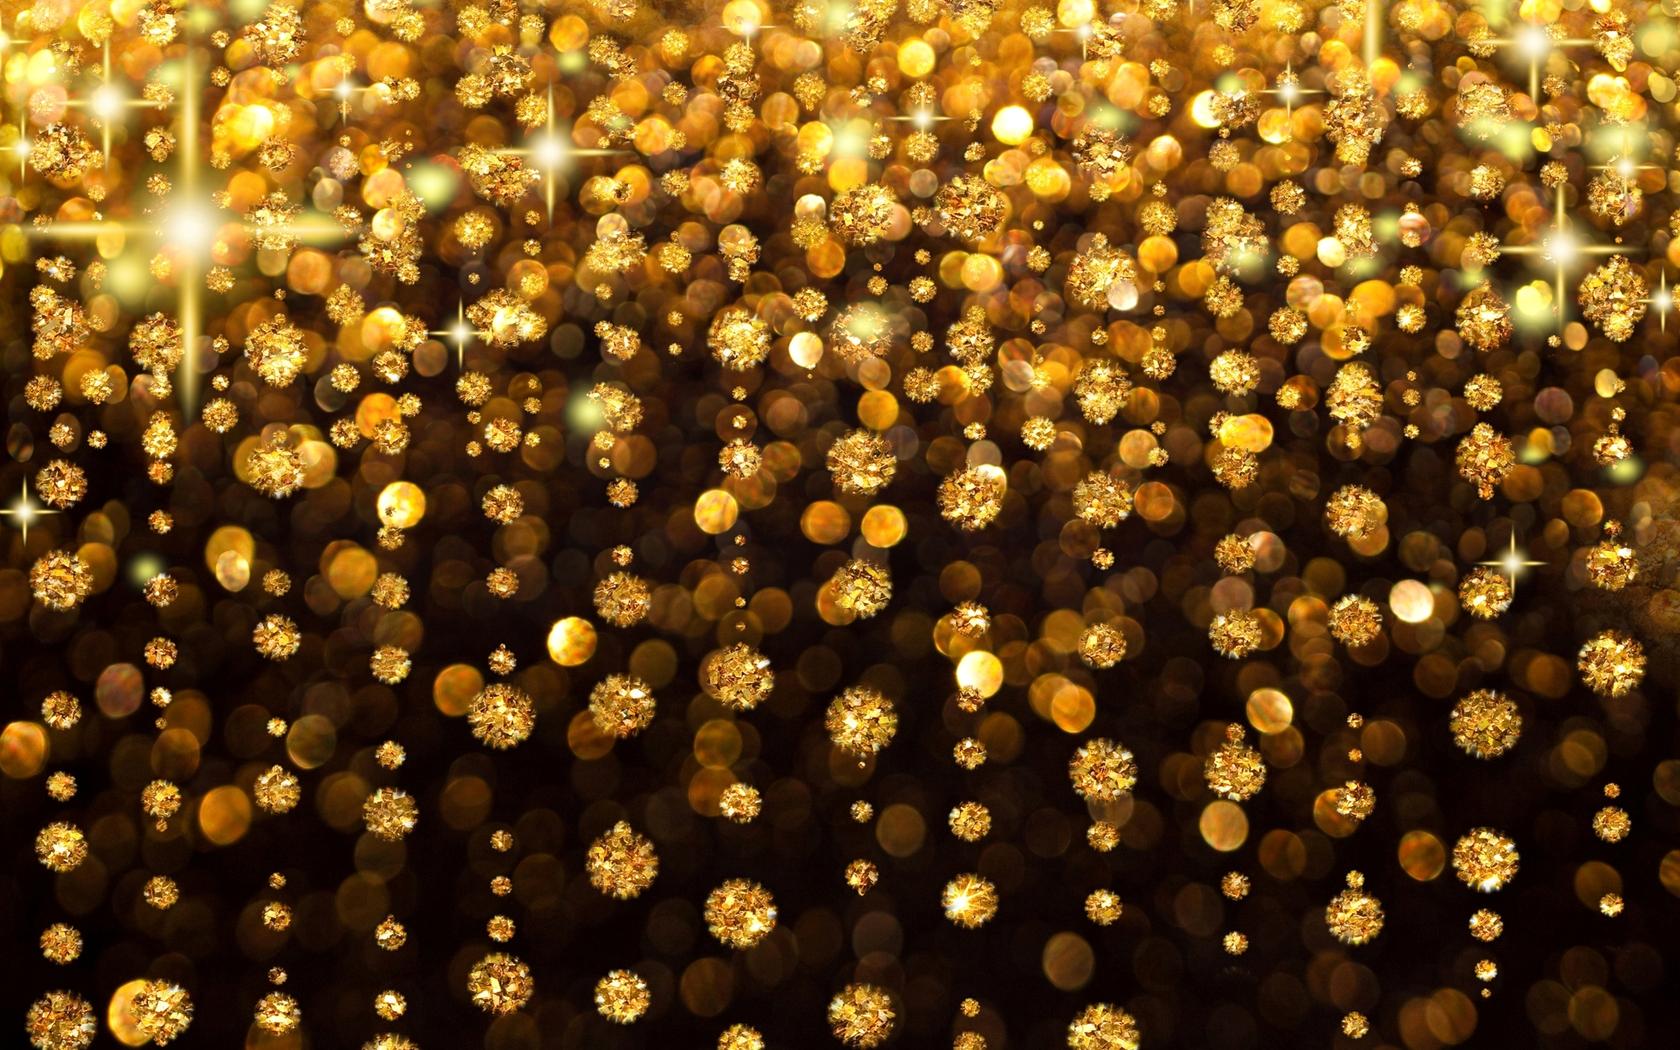 Yellow Glitter Desktop Backgrounds HD wallpaper background 1680x1050